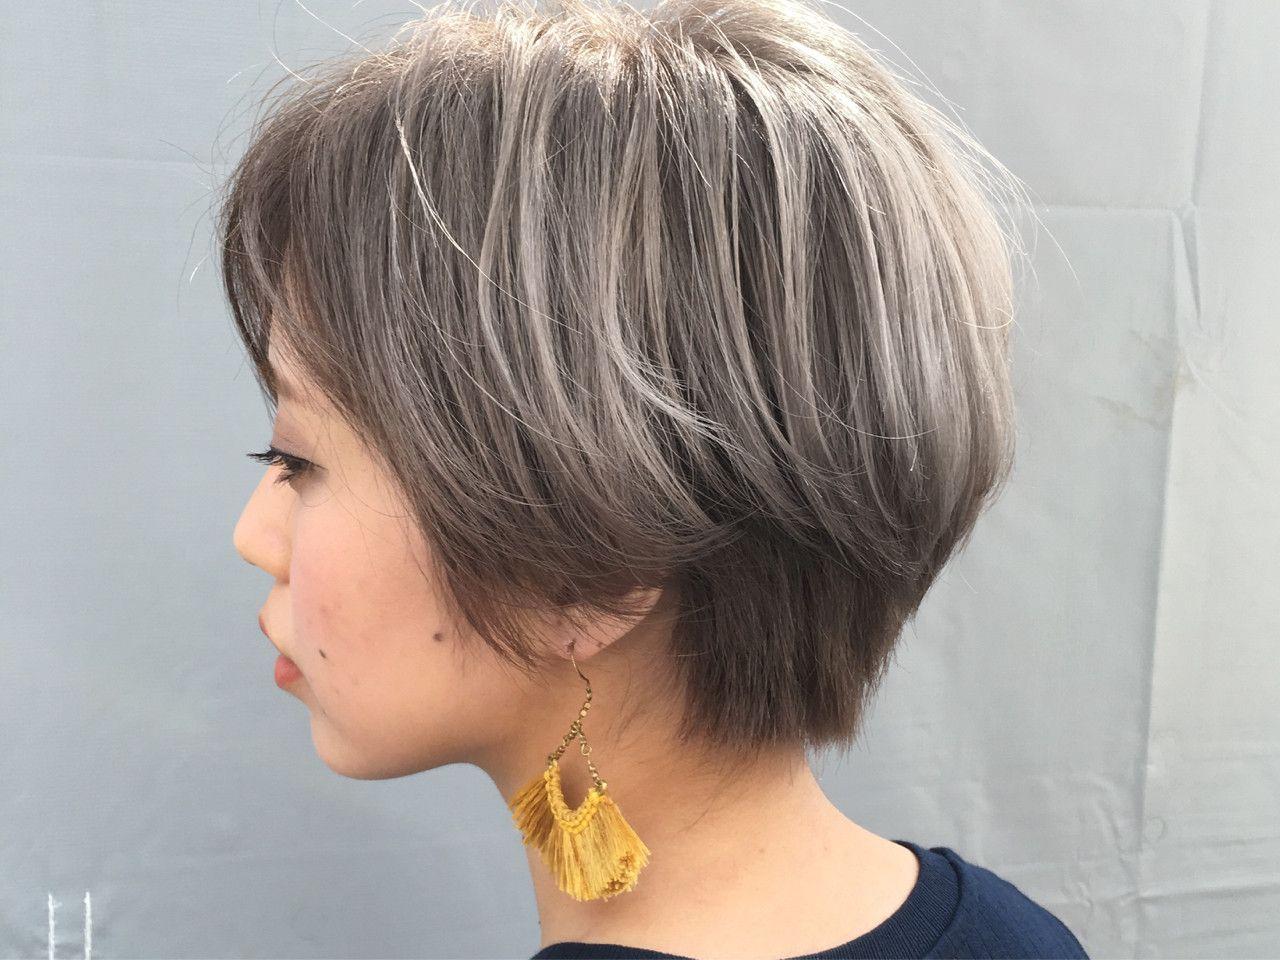 Keisuke Suzukiさんのヘアカタログ ショートヘア グレージュ